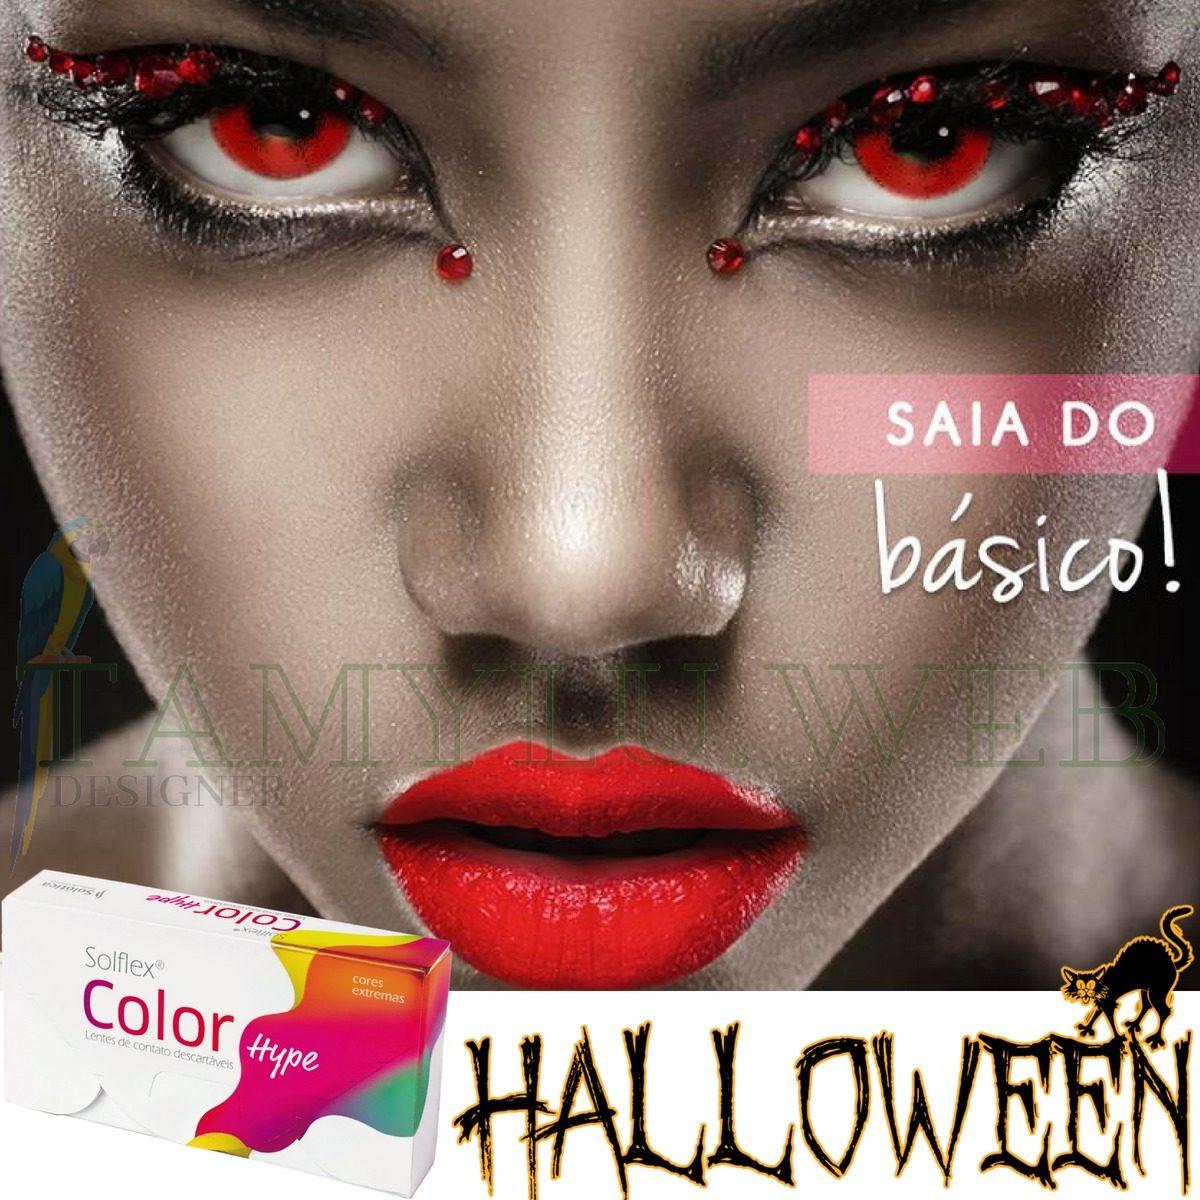 c272736ed9734 lentes de contato coloridas solflex color hype halloween. Carregando zoom.